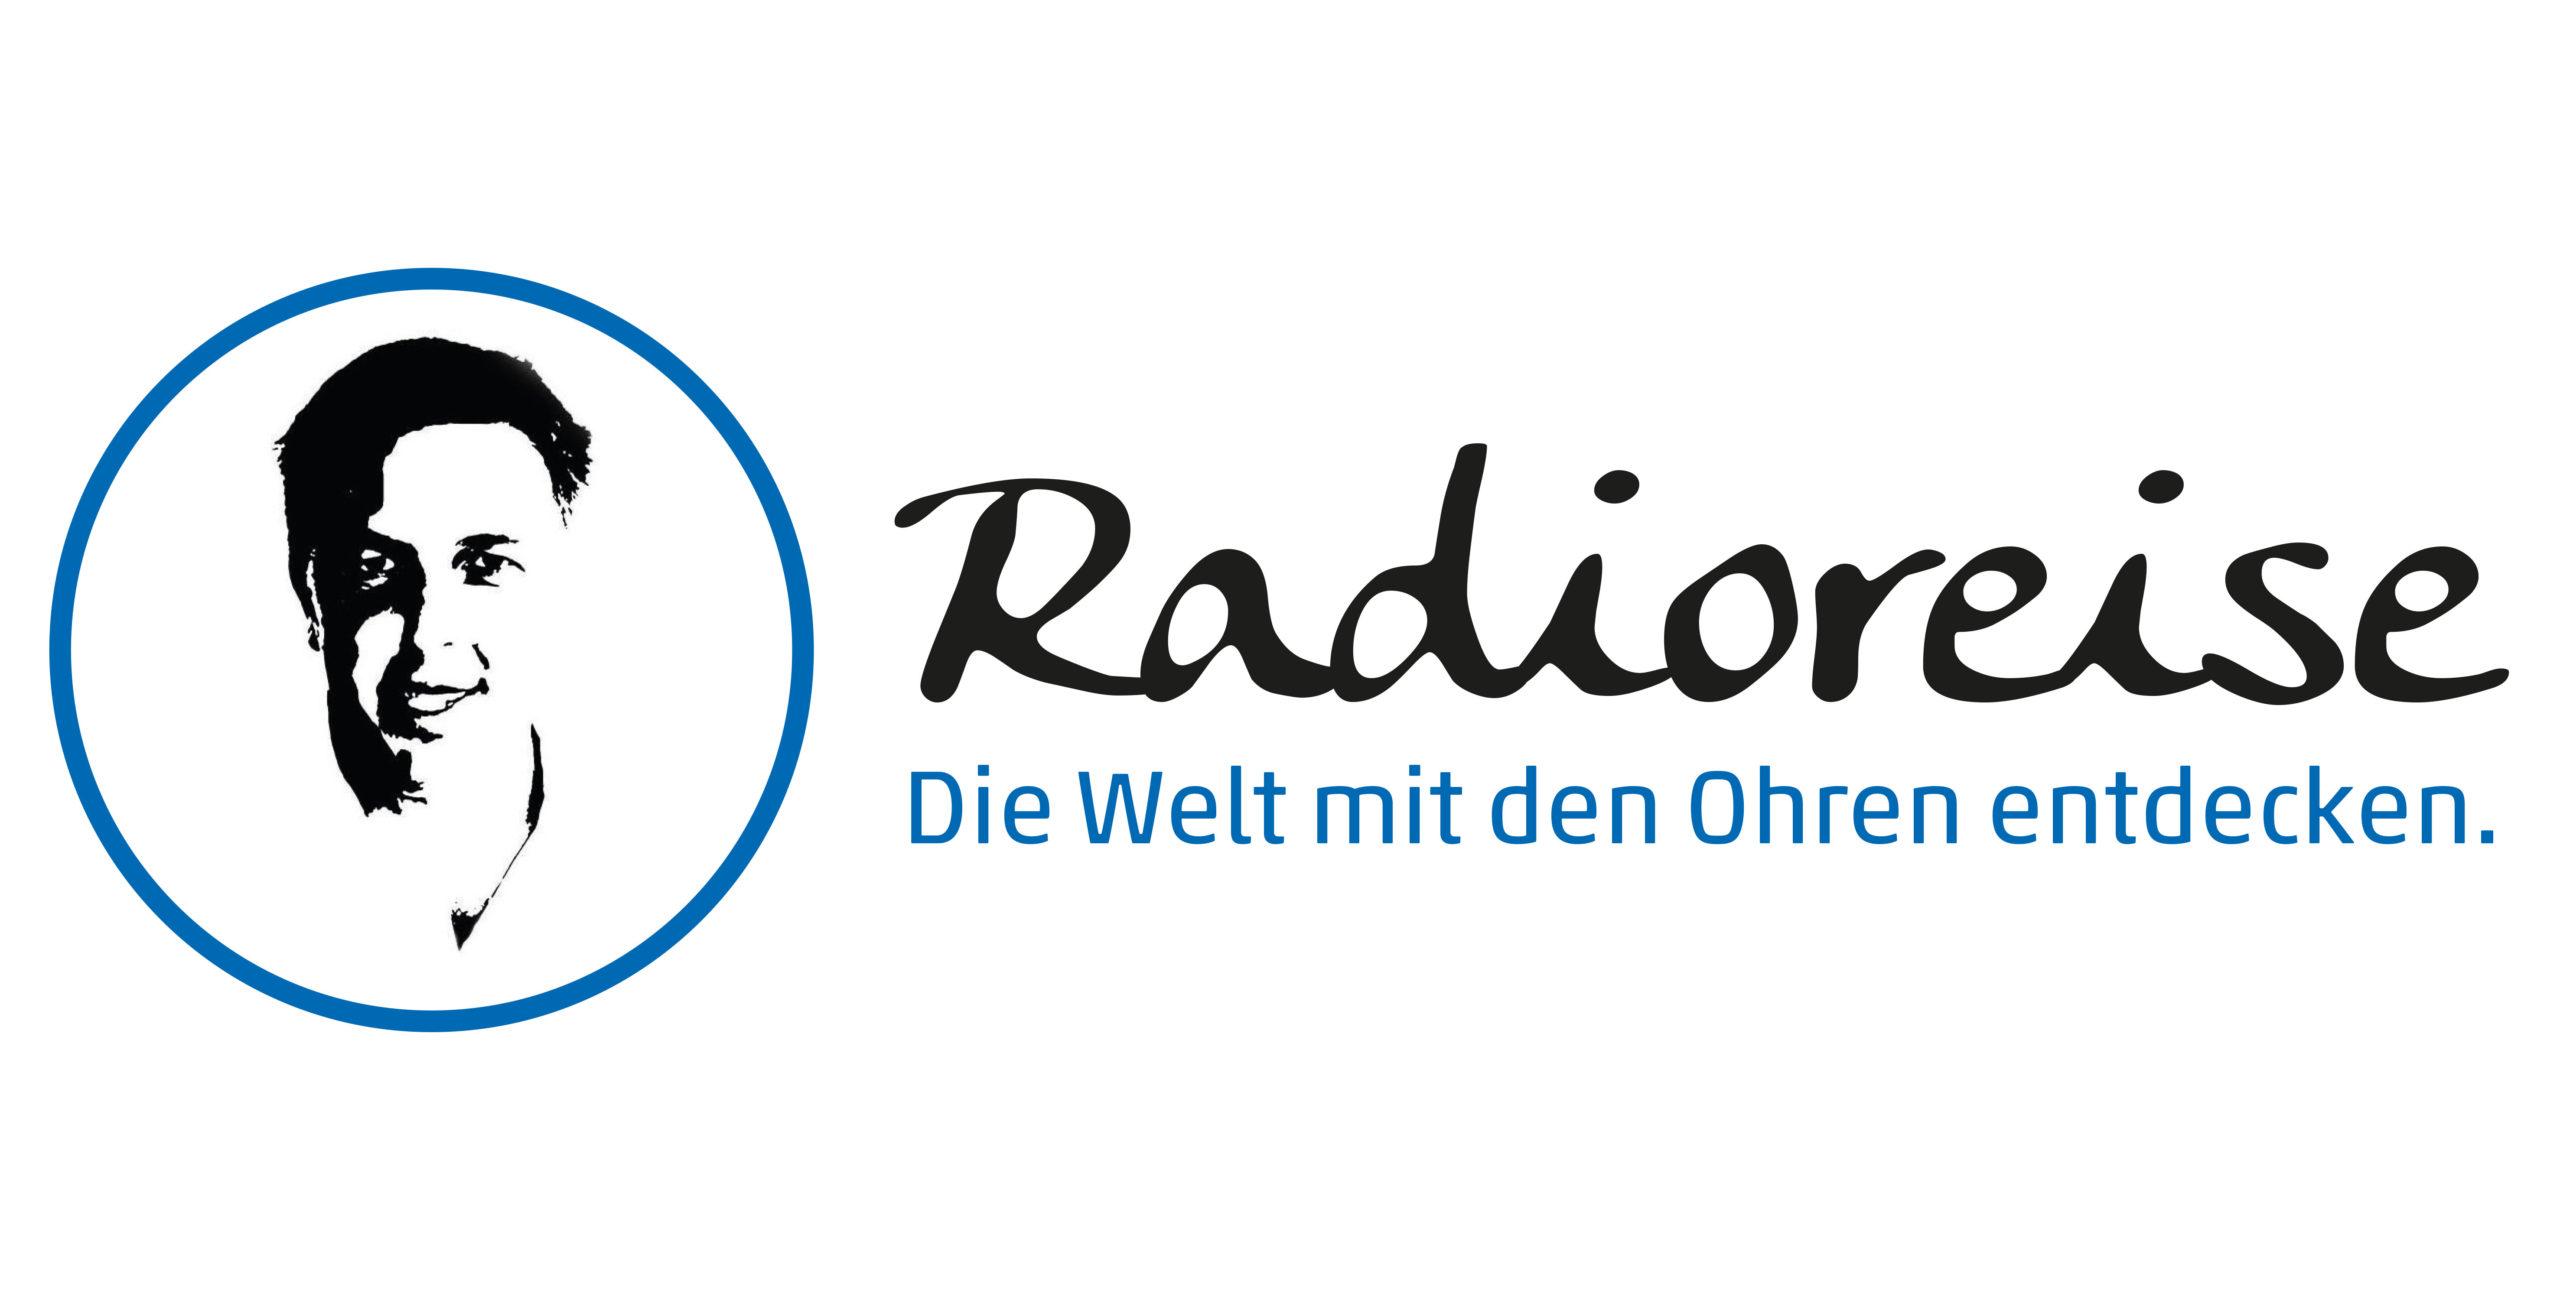 Radioreise-Logo-5906x3000px